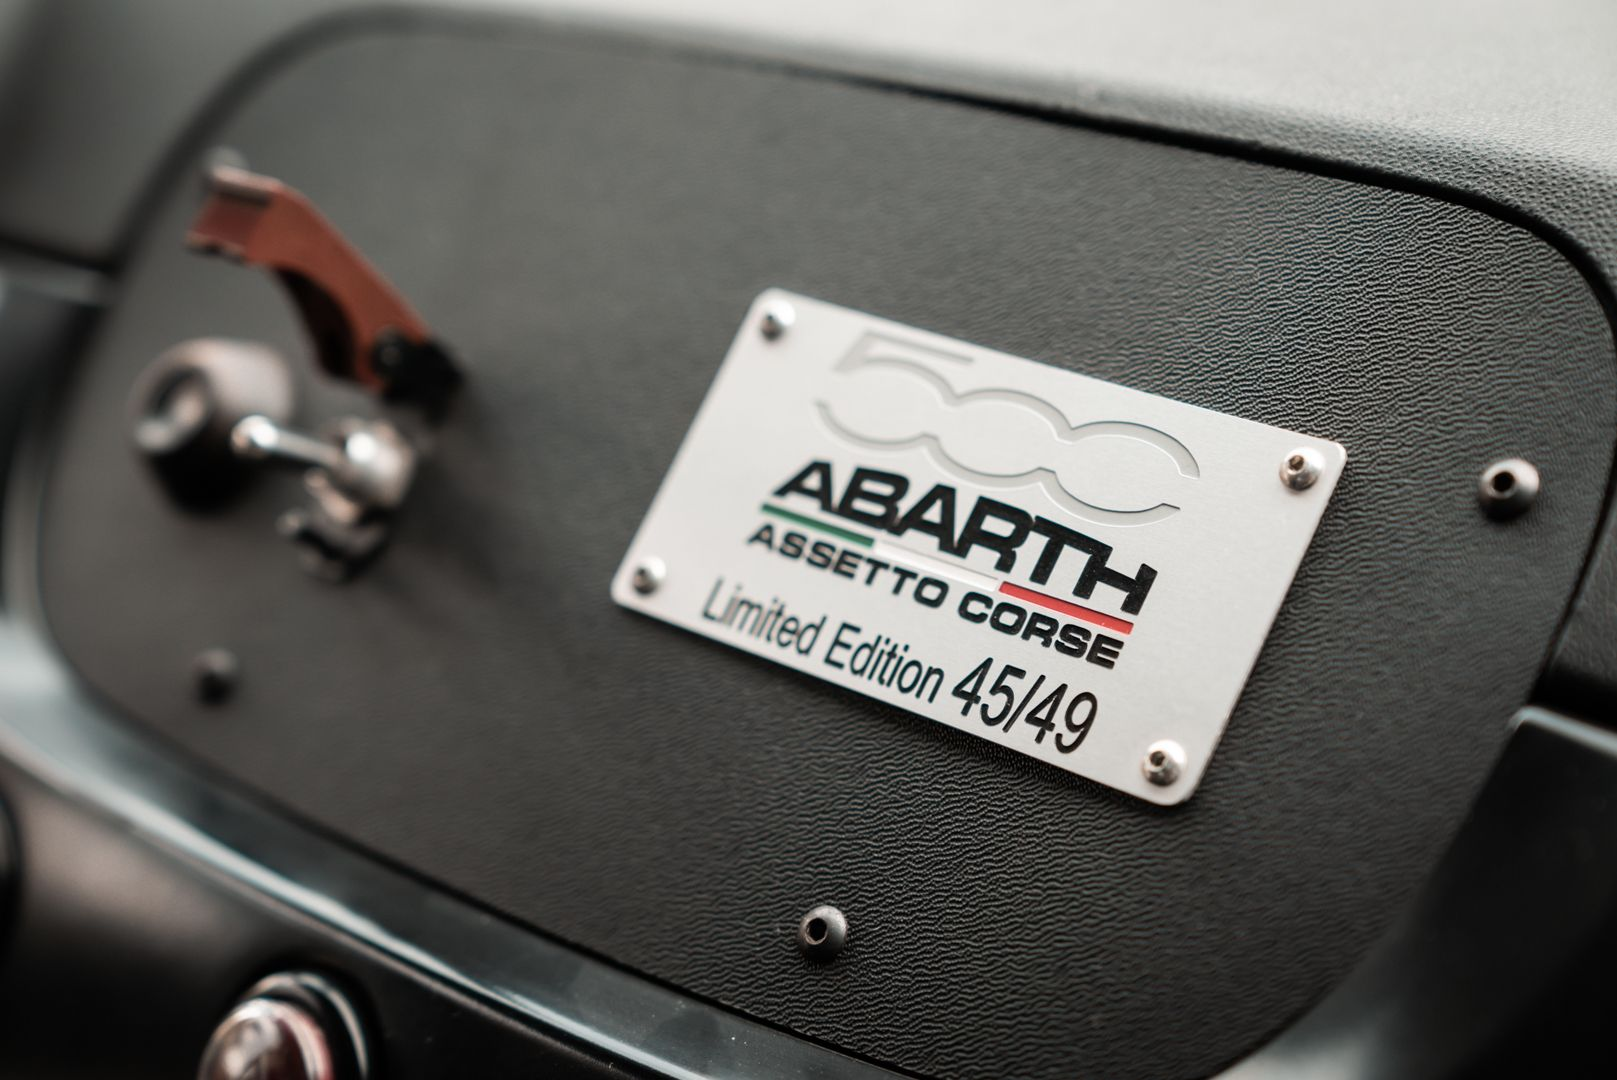 2008 Fiat 500 Abarth Assetto Corse 45/49 77391